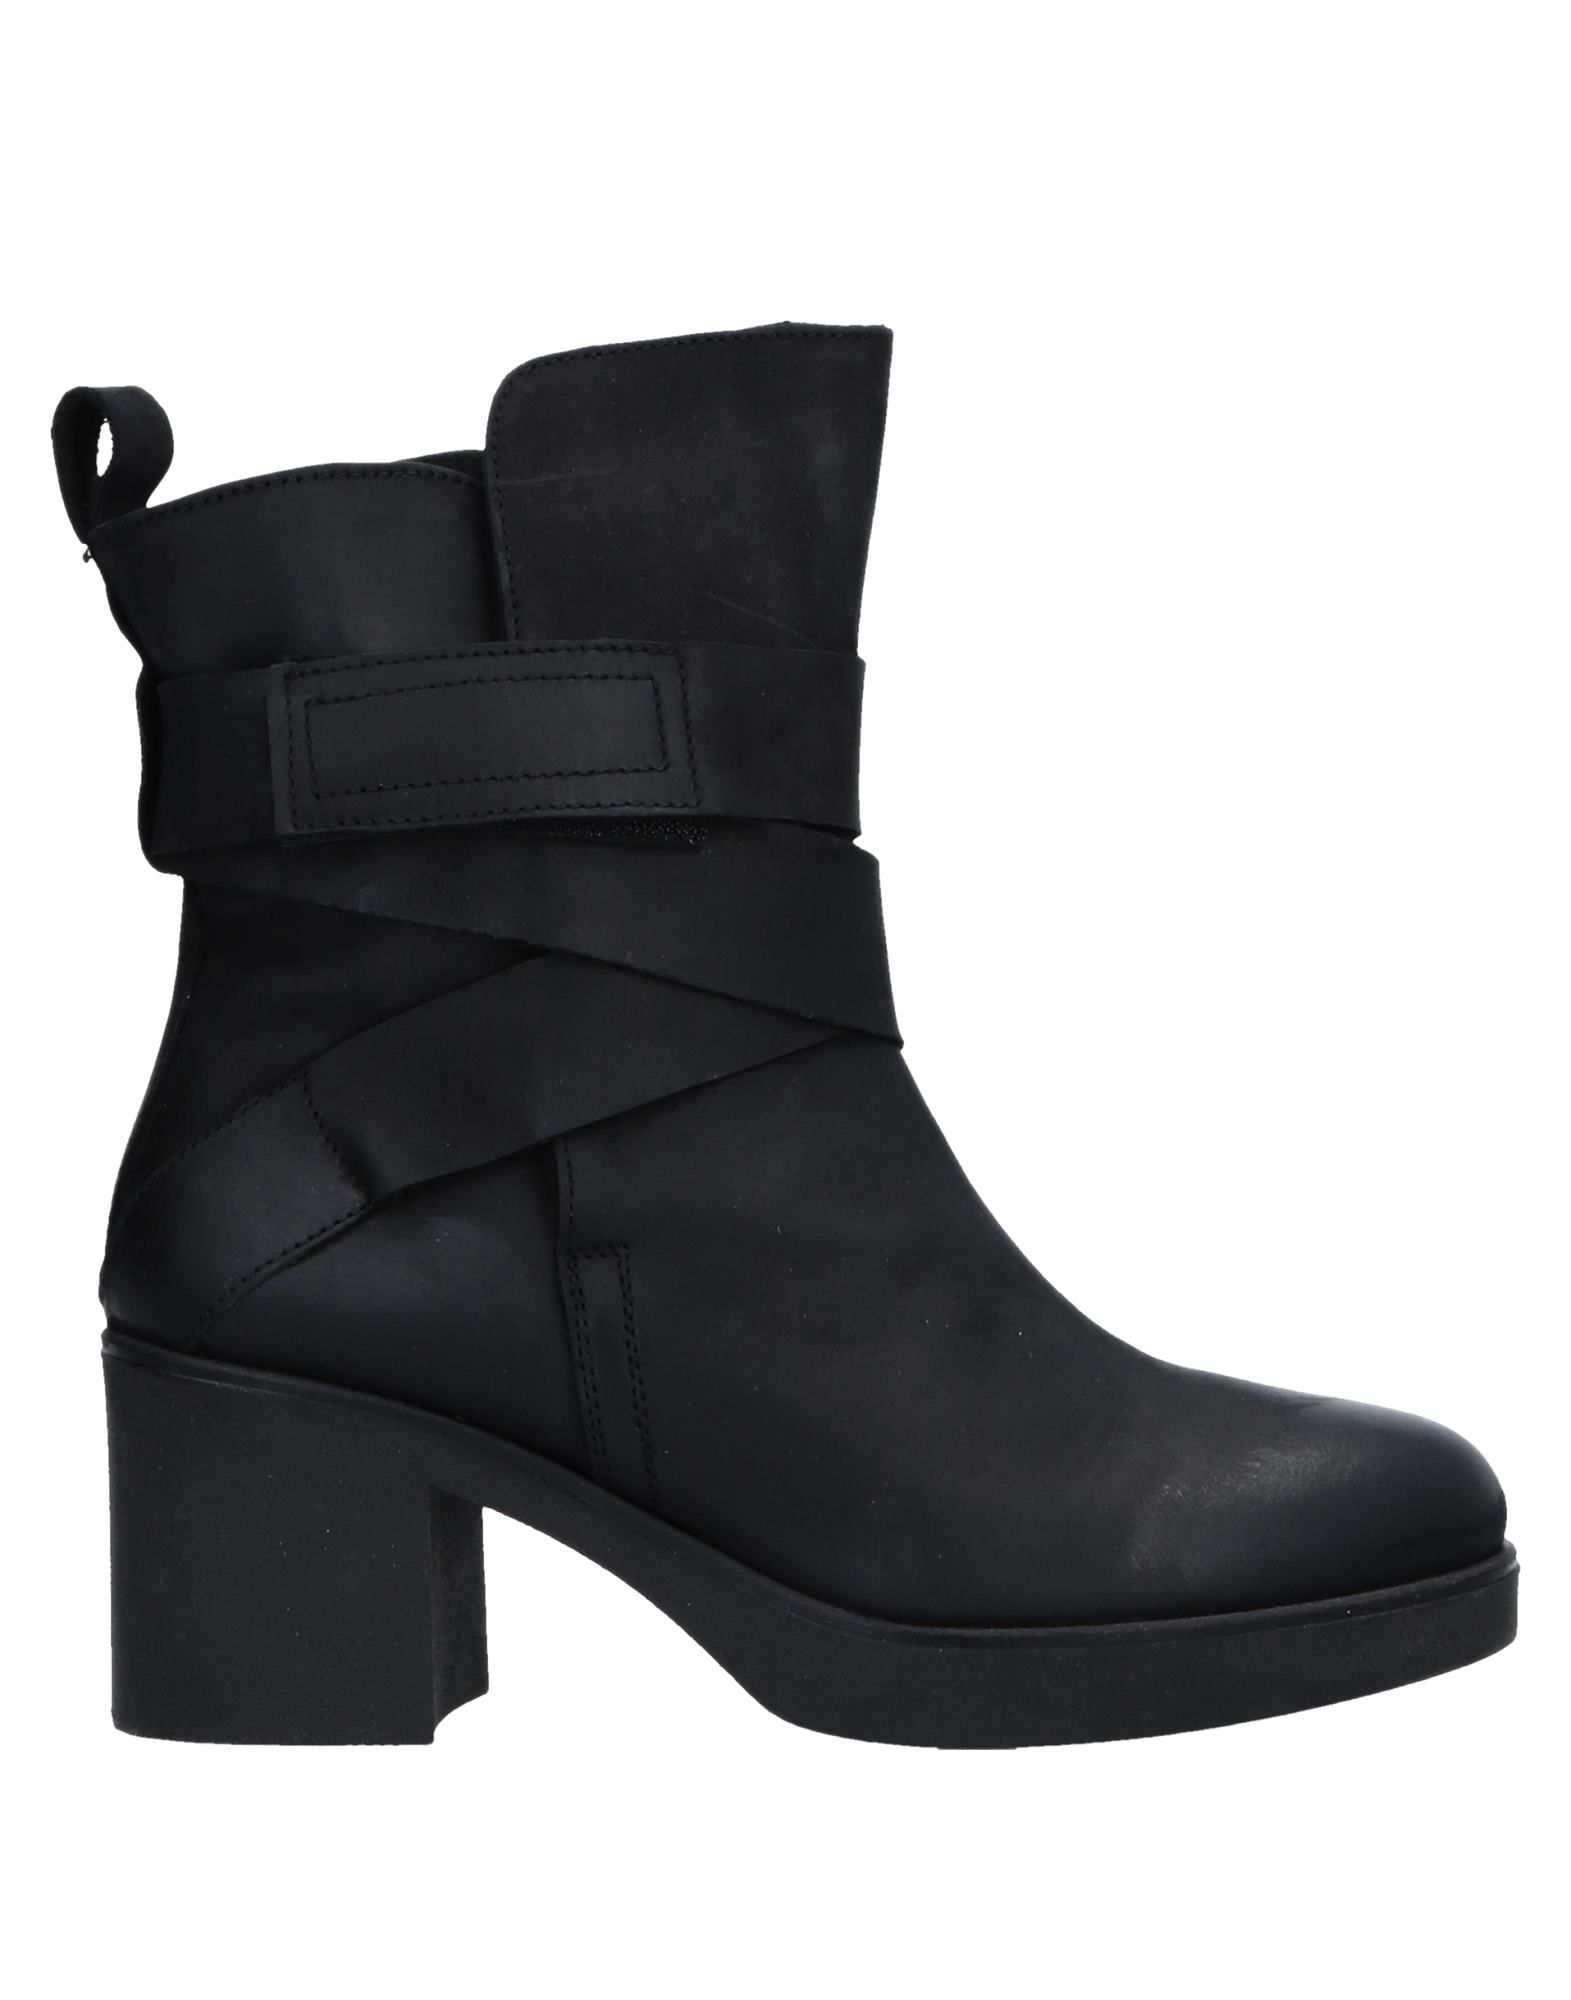 Gut um billige Schuhe Damen zu tragenSilvia Rossini Stiefelette Damen Schuhe  11518231SO c02fcf